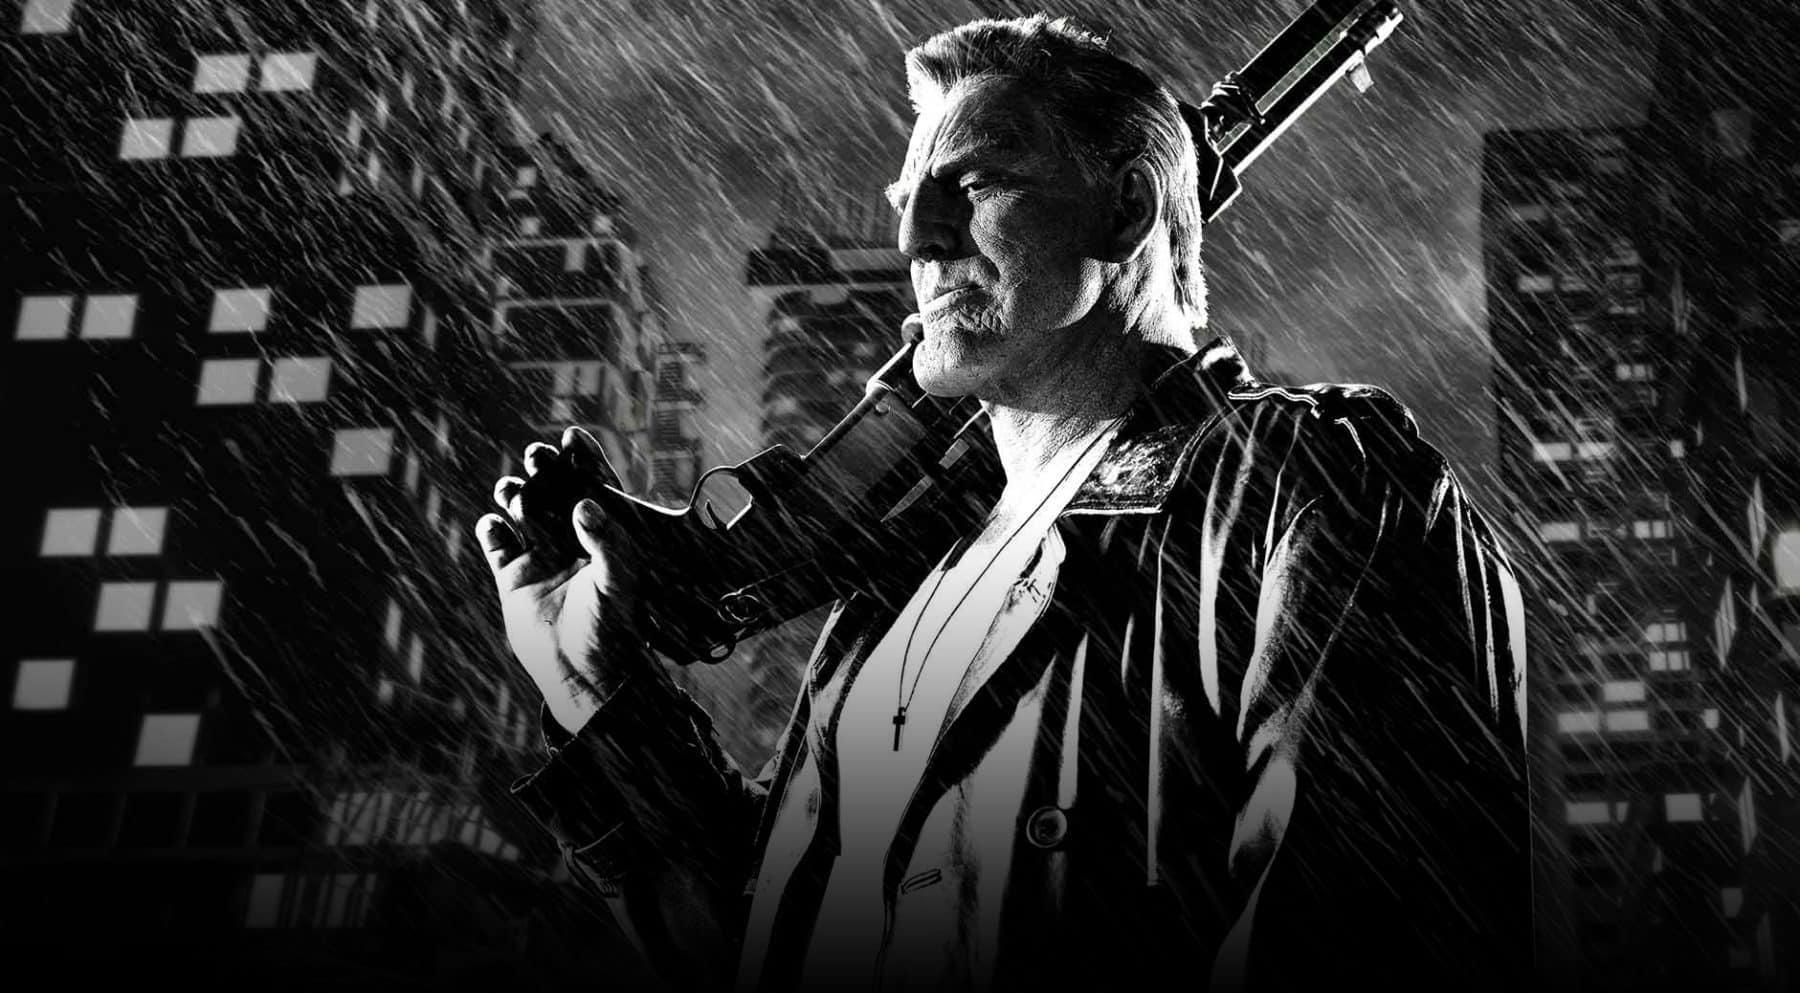 Frank Miller recupera derechos cinematográficos y televisivos de Sin City de TWC